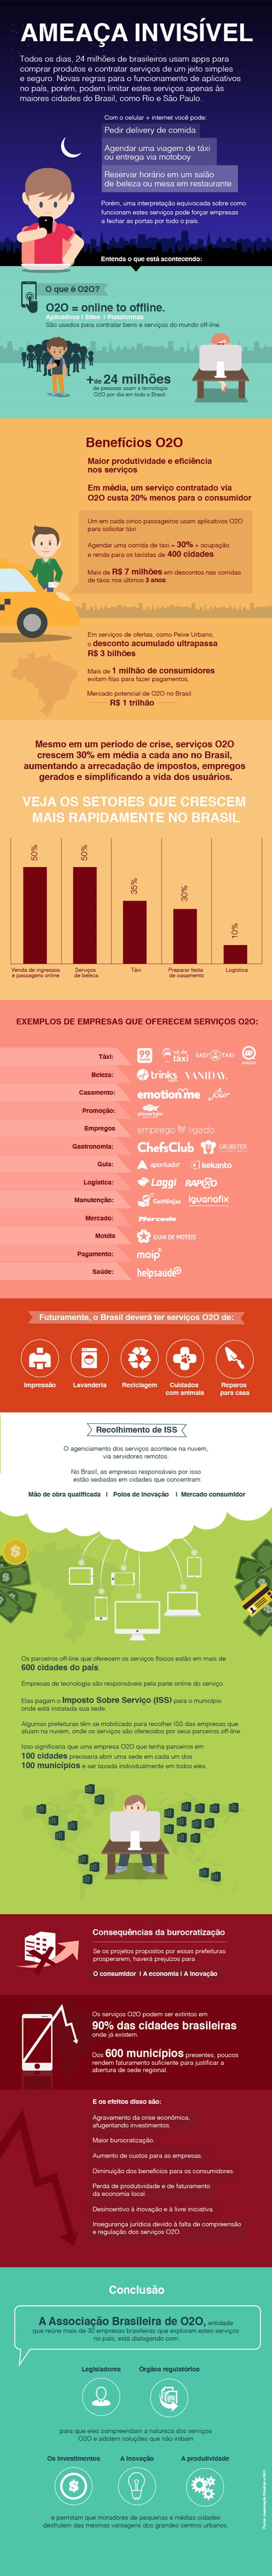 Cobrança pode deixar 90% das cidades sem serviços oferecidos por apps